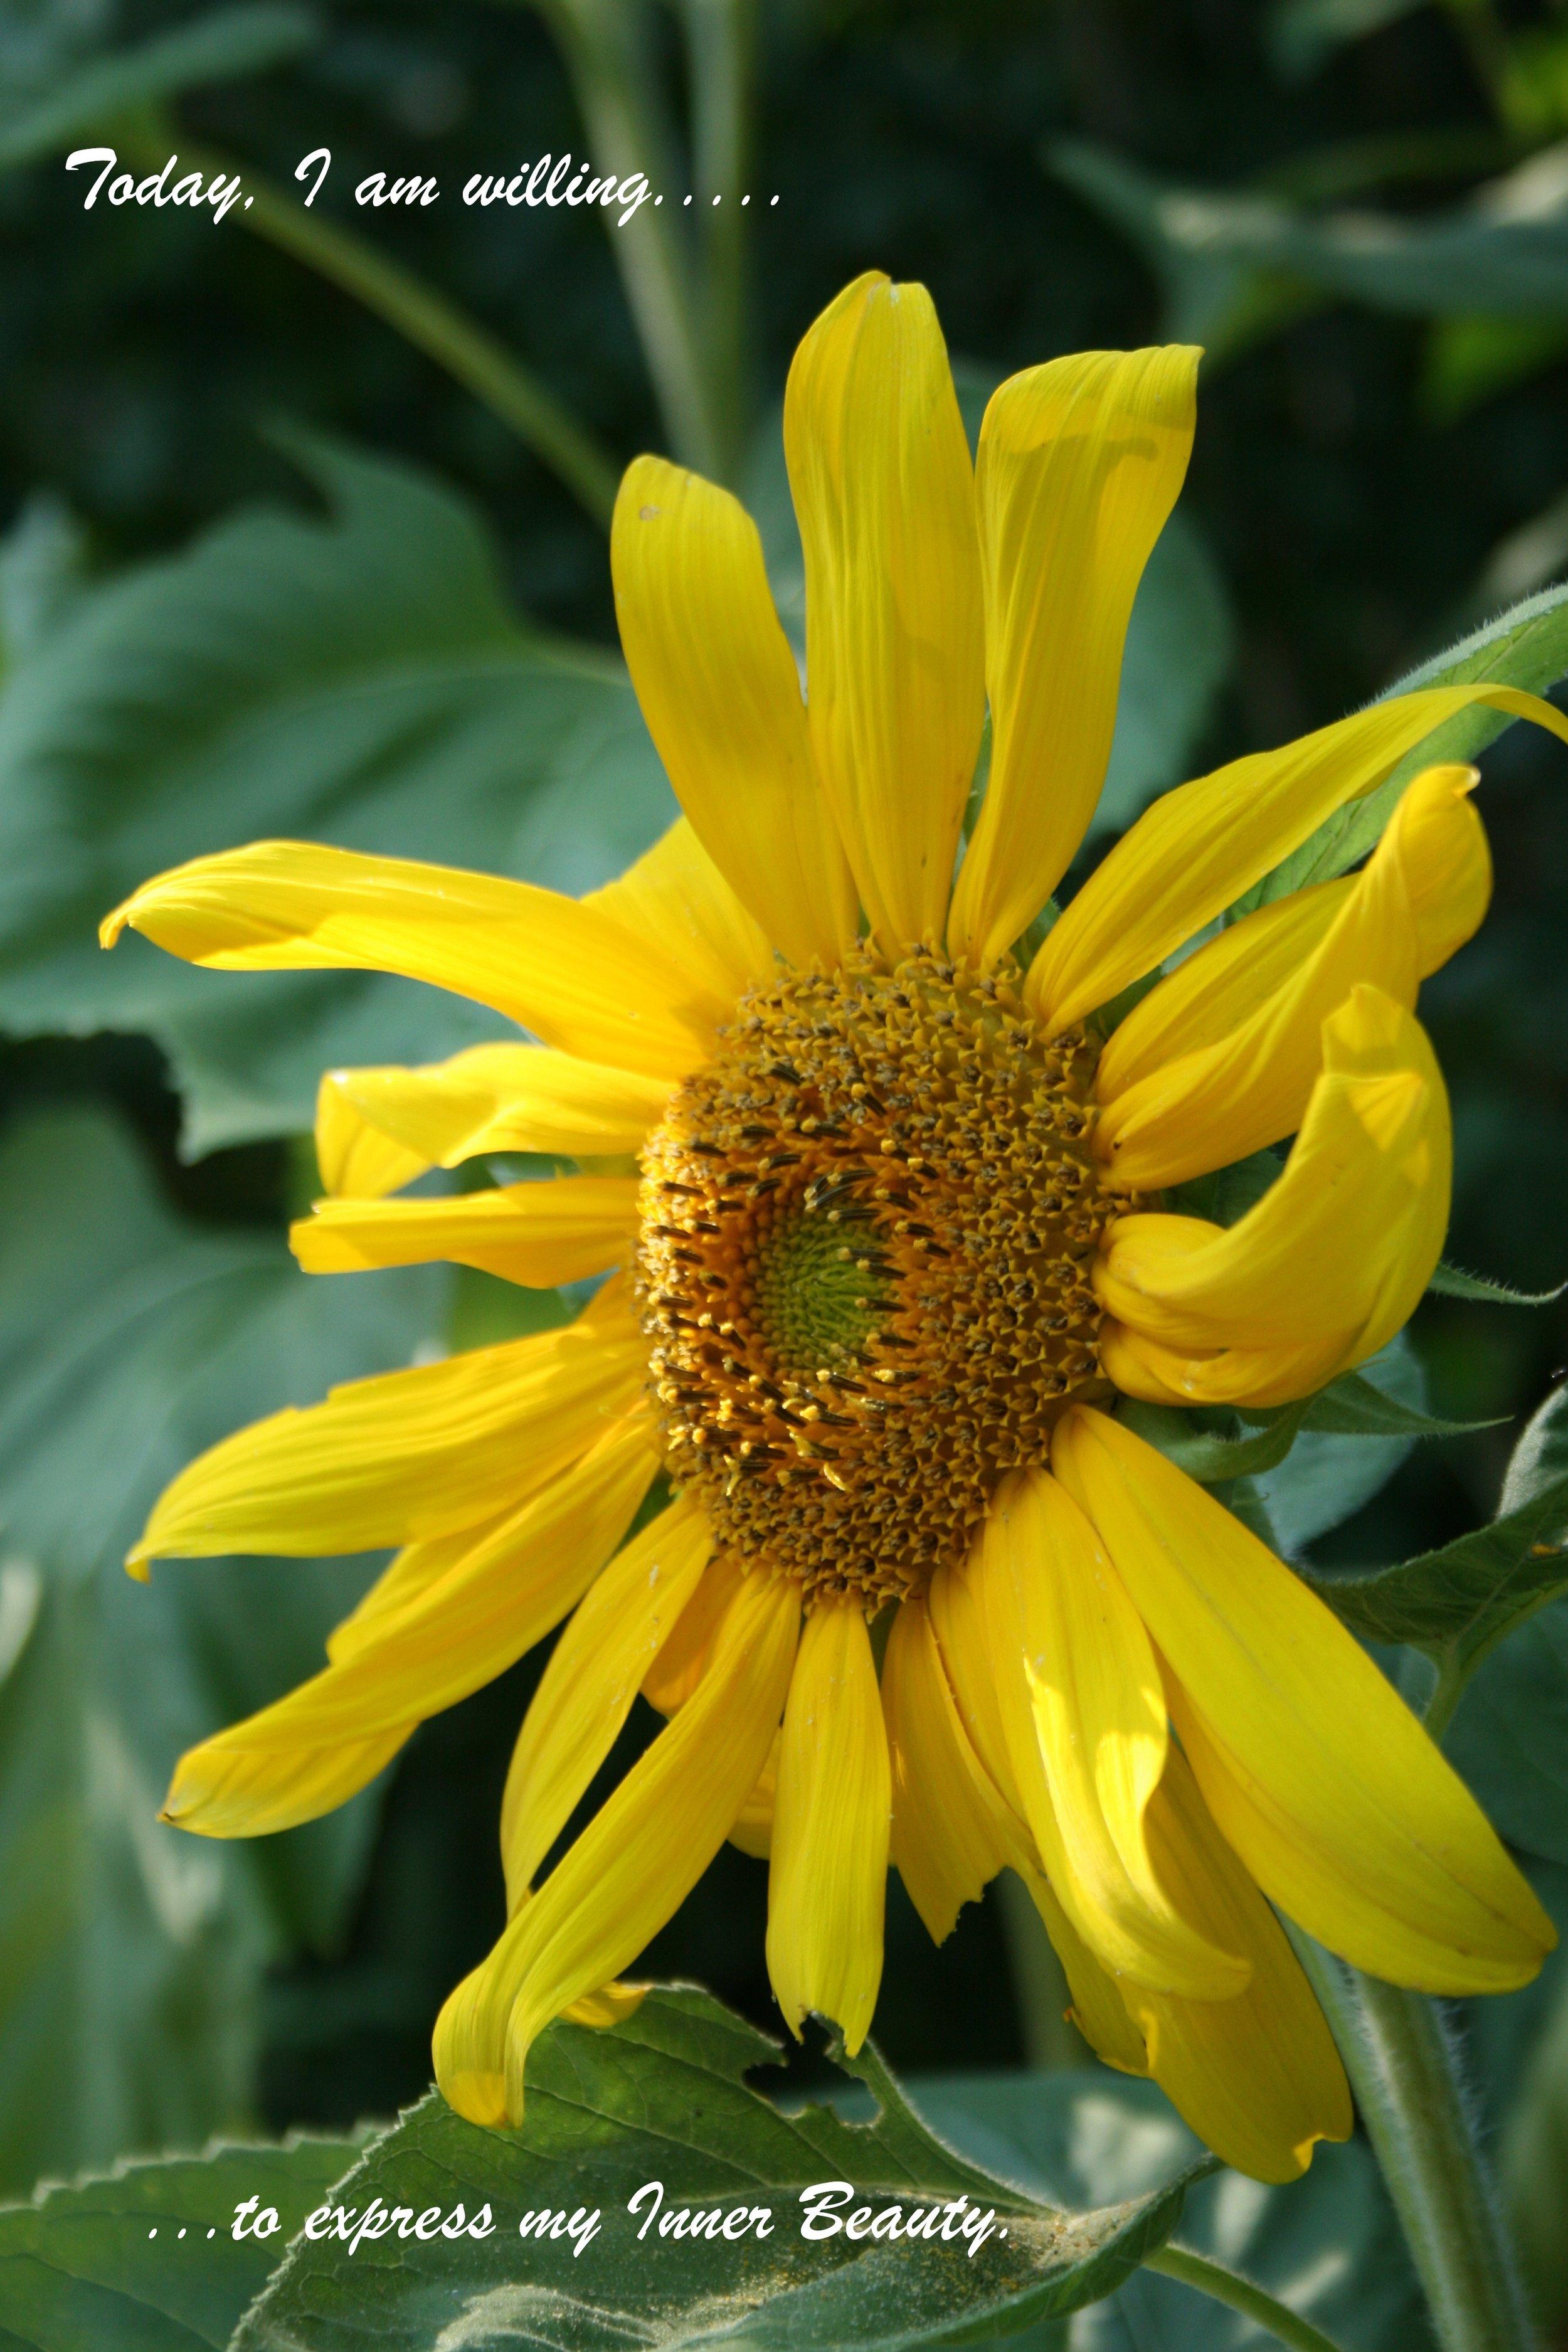 Sunflower_Willing_Express Inner Beauty.jpg